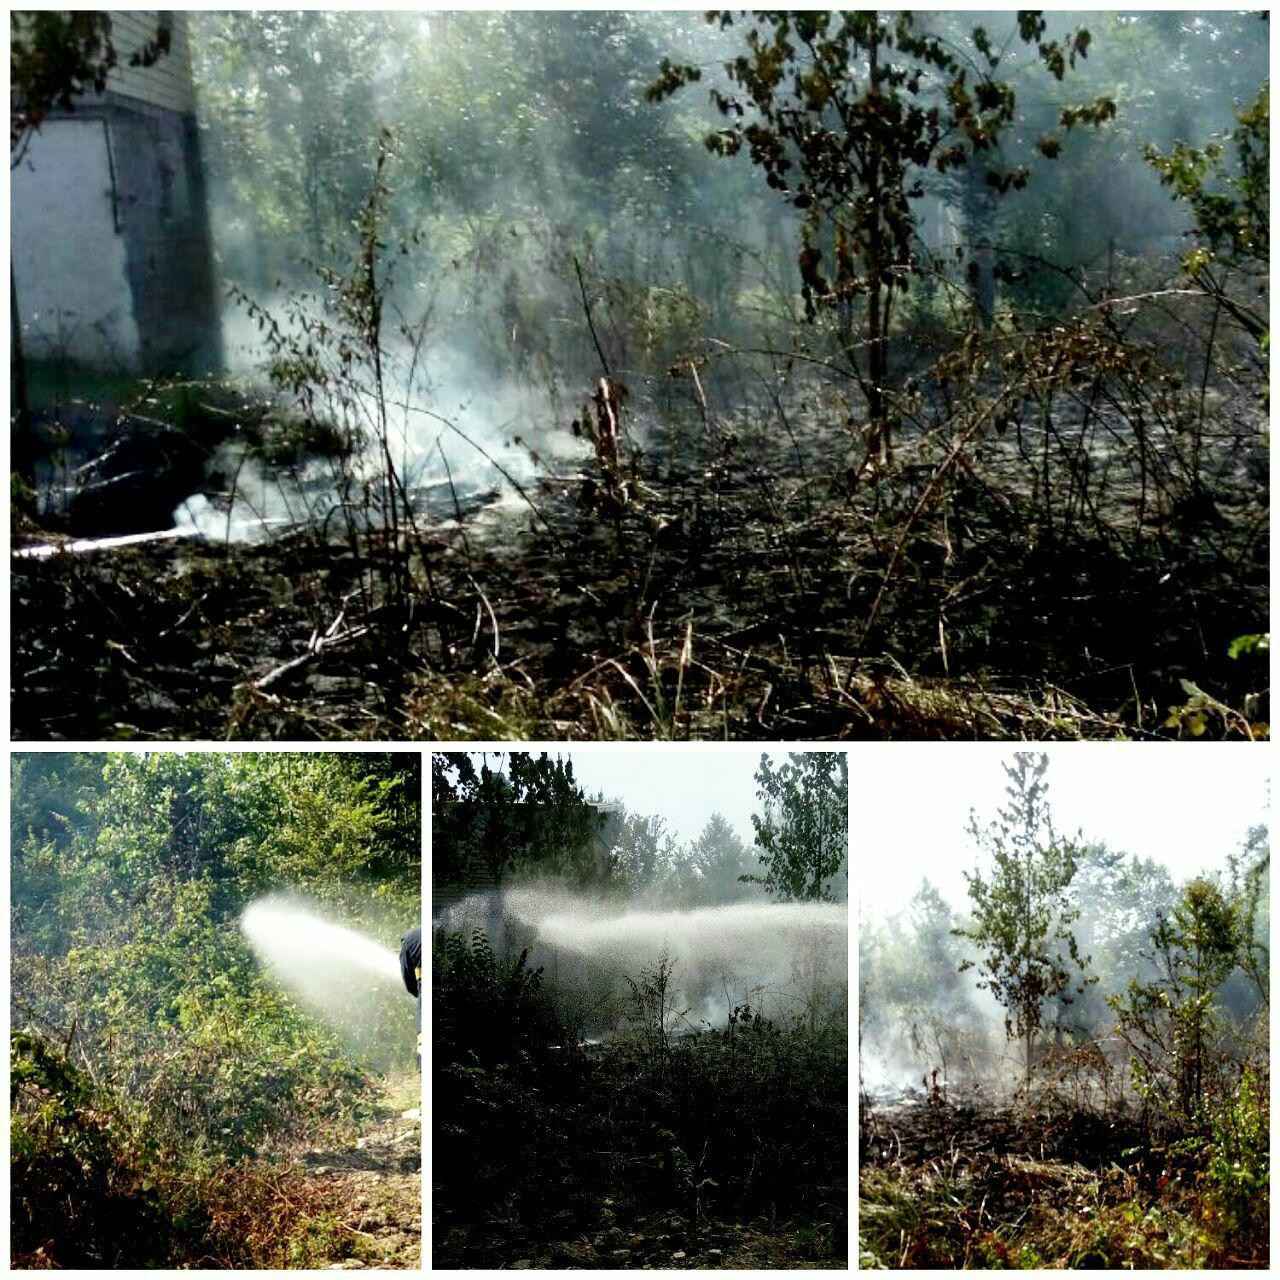 تلاش ۷۰۷ دقیقه ای آتش نشانان شهر باران جهت اطفای آتش سوزی علفزارها در رشت